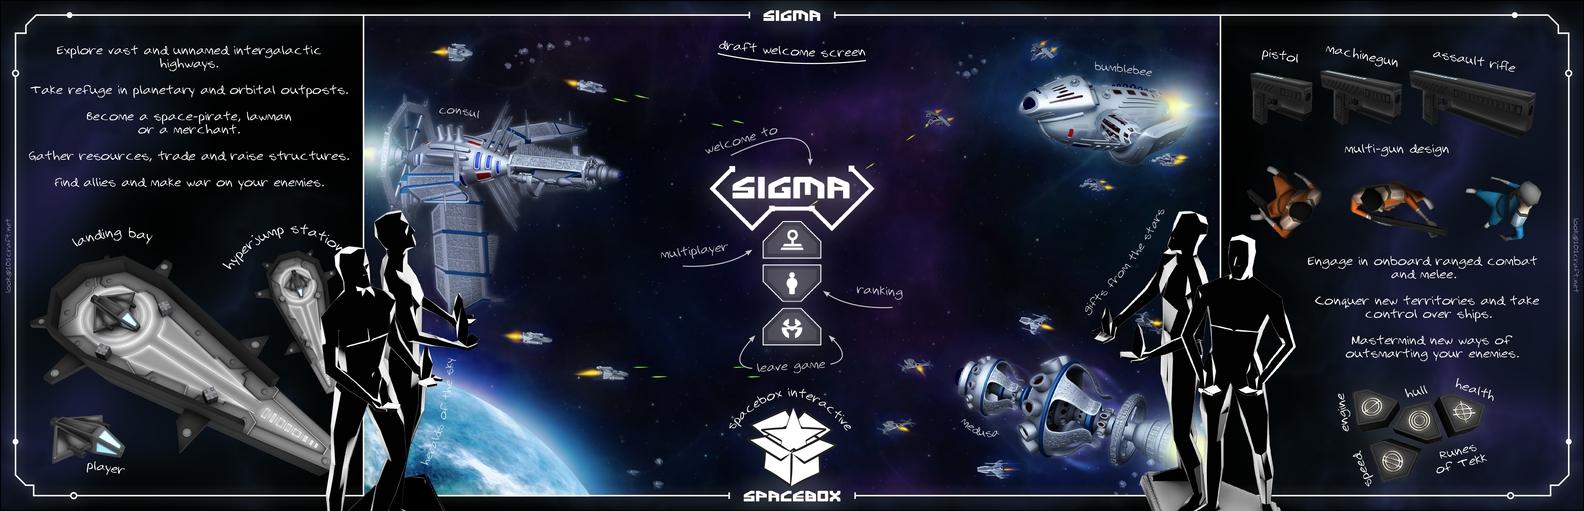 101_sigma_man_01.jpg